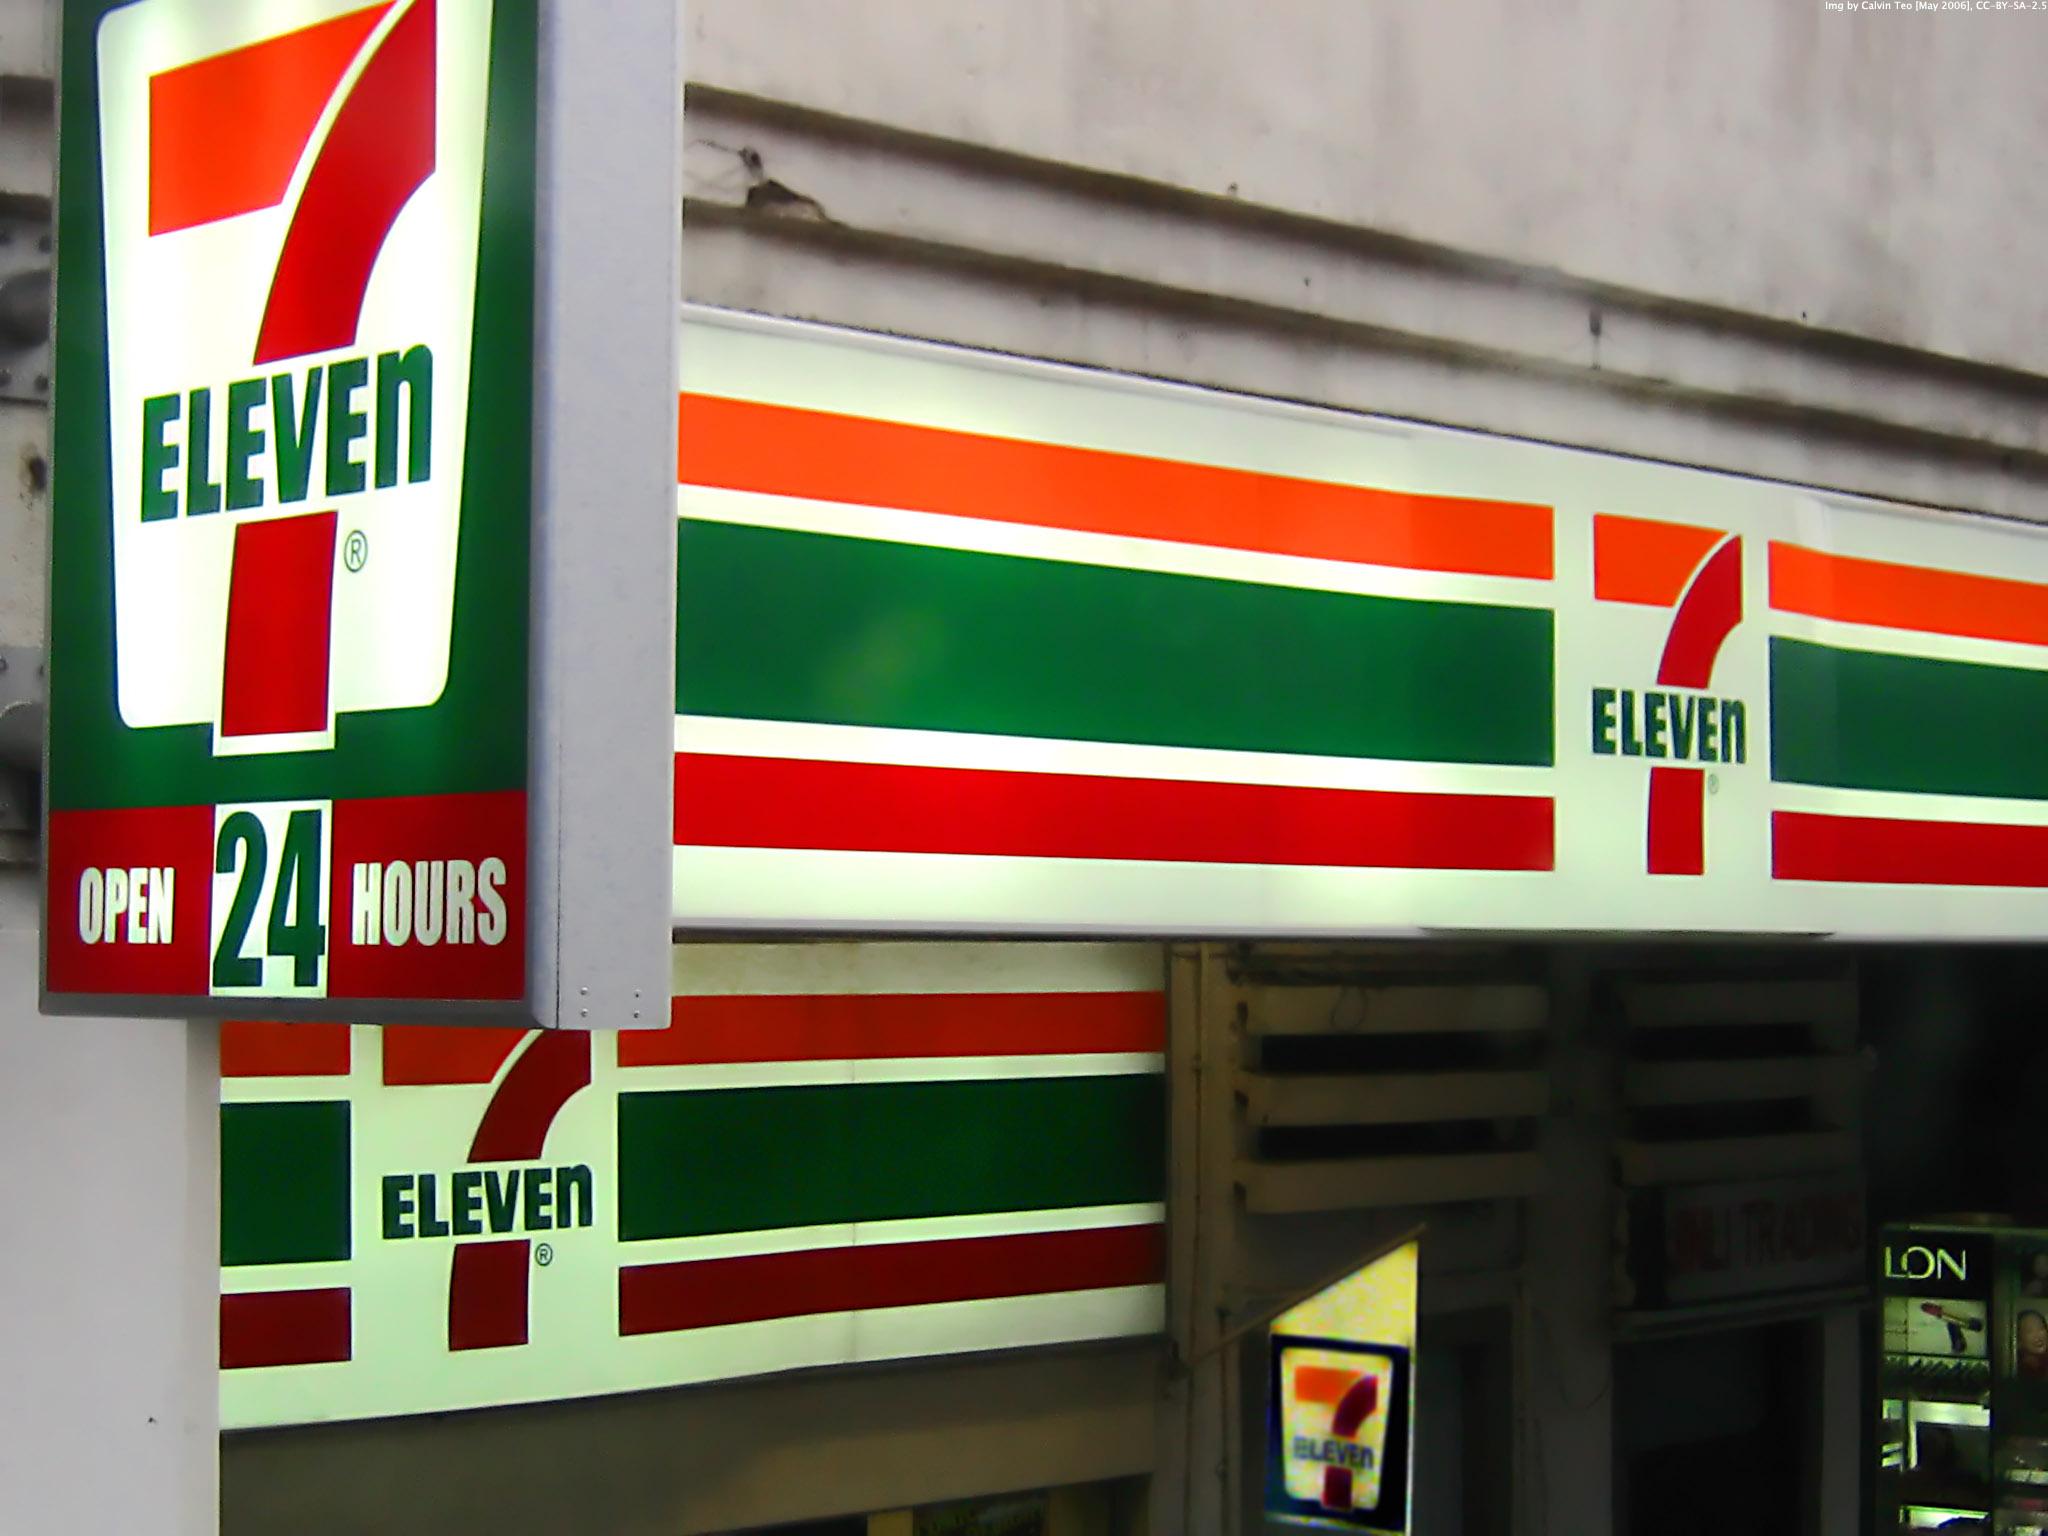 File:7-eleven shopfront.jpg - Wikimedia Commons